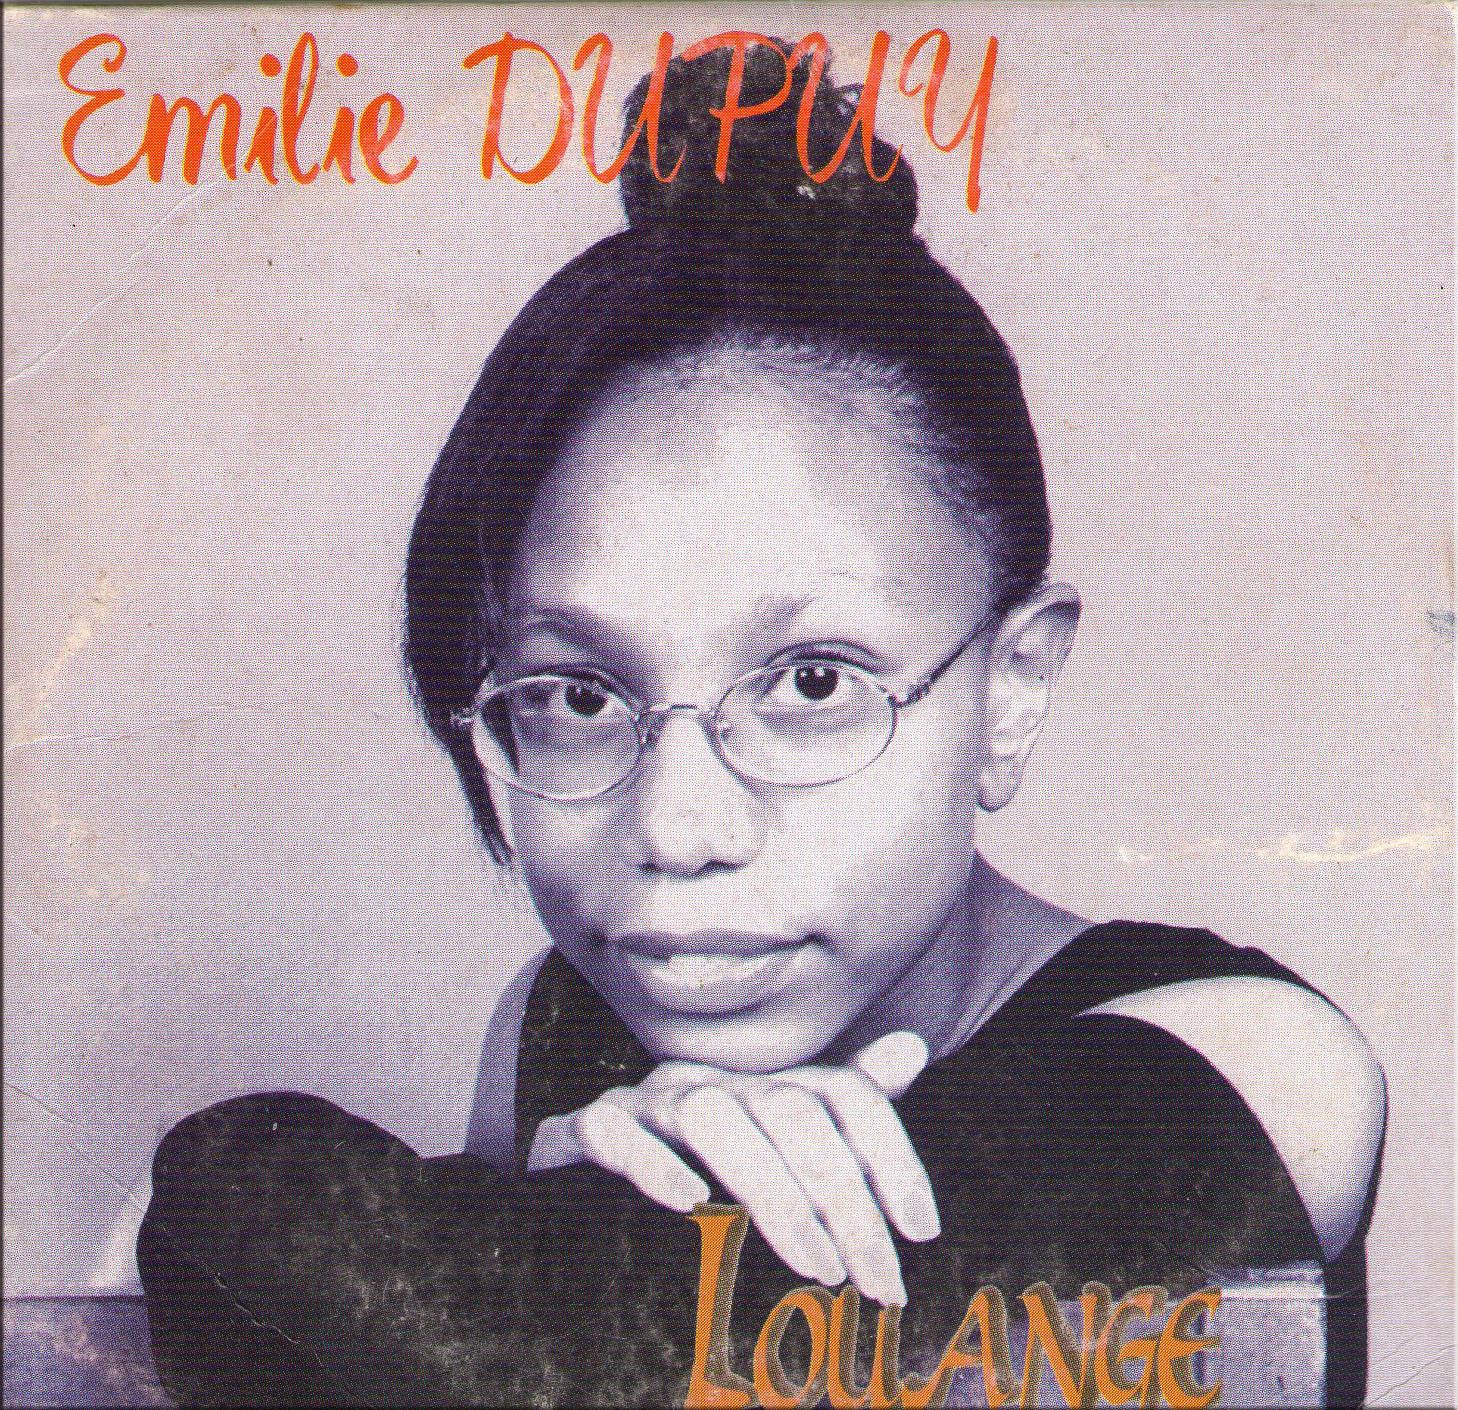 Emilie Dupuy